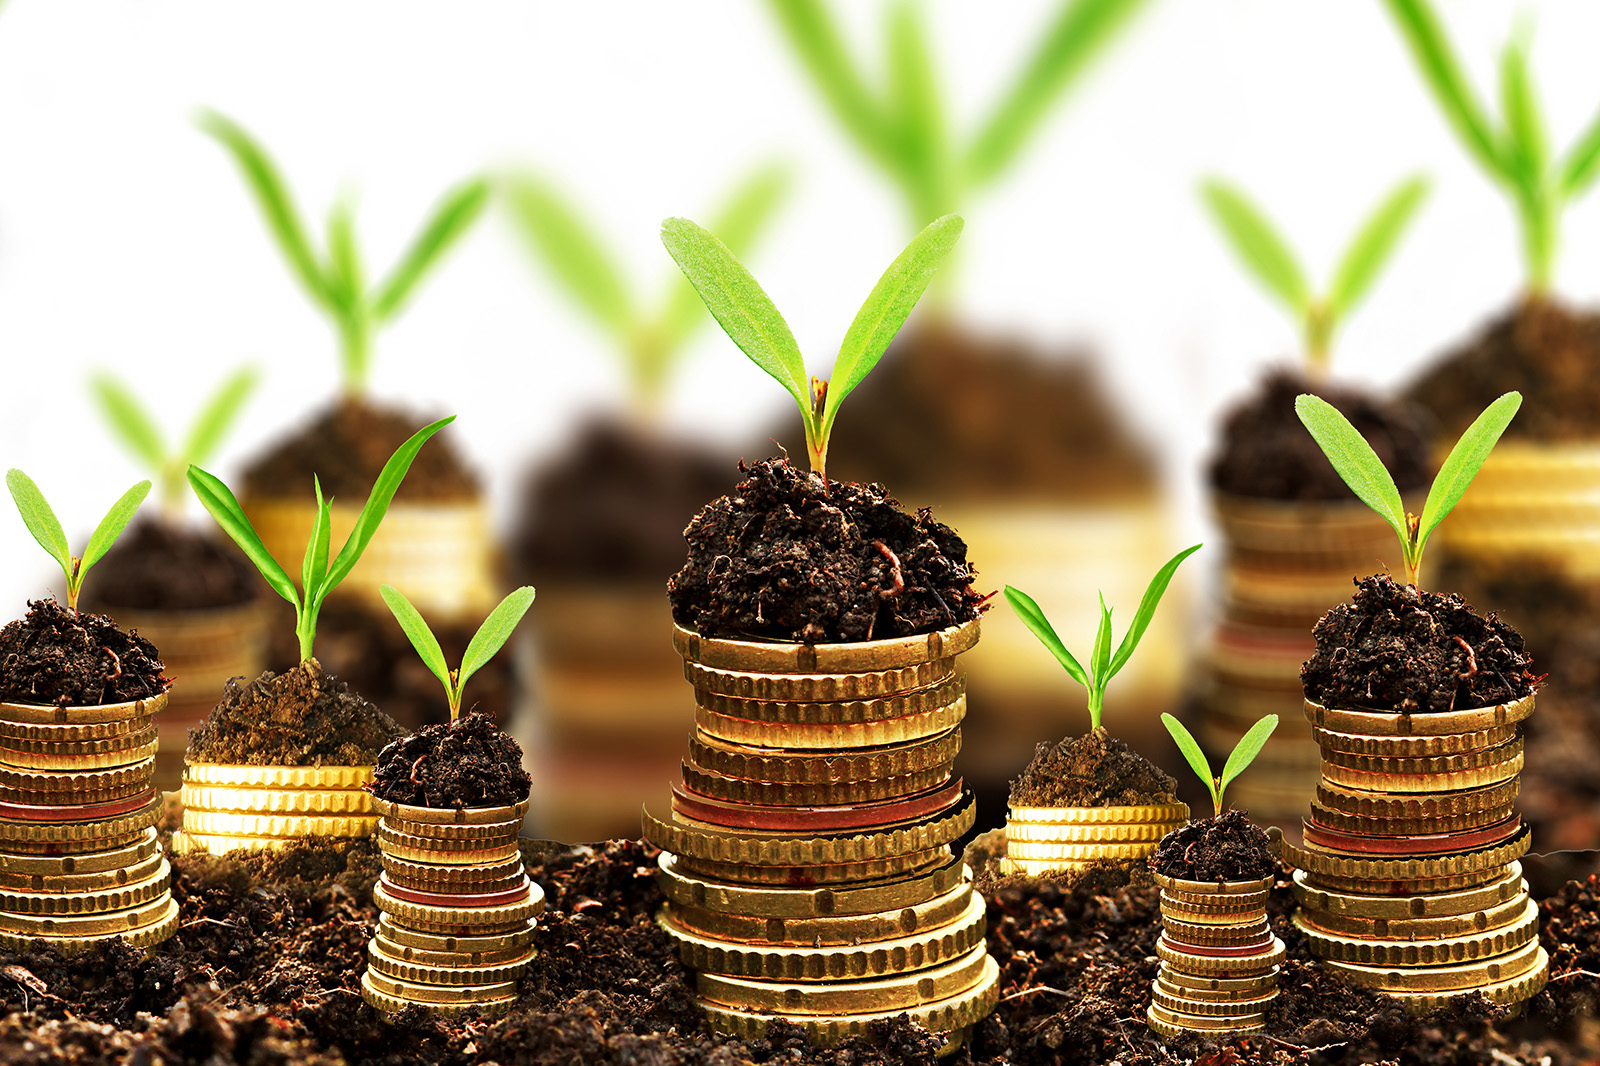 3 quy tắc về quản lý tài chính gia đình mà mẹ nào cũng nên nắm rõ - Ảnh 3.